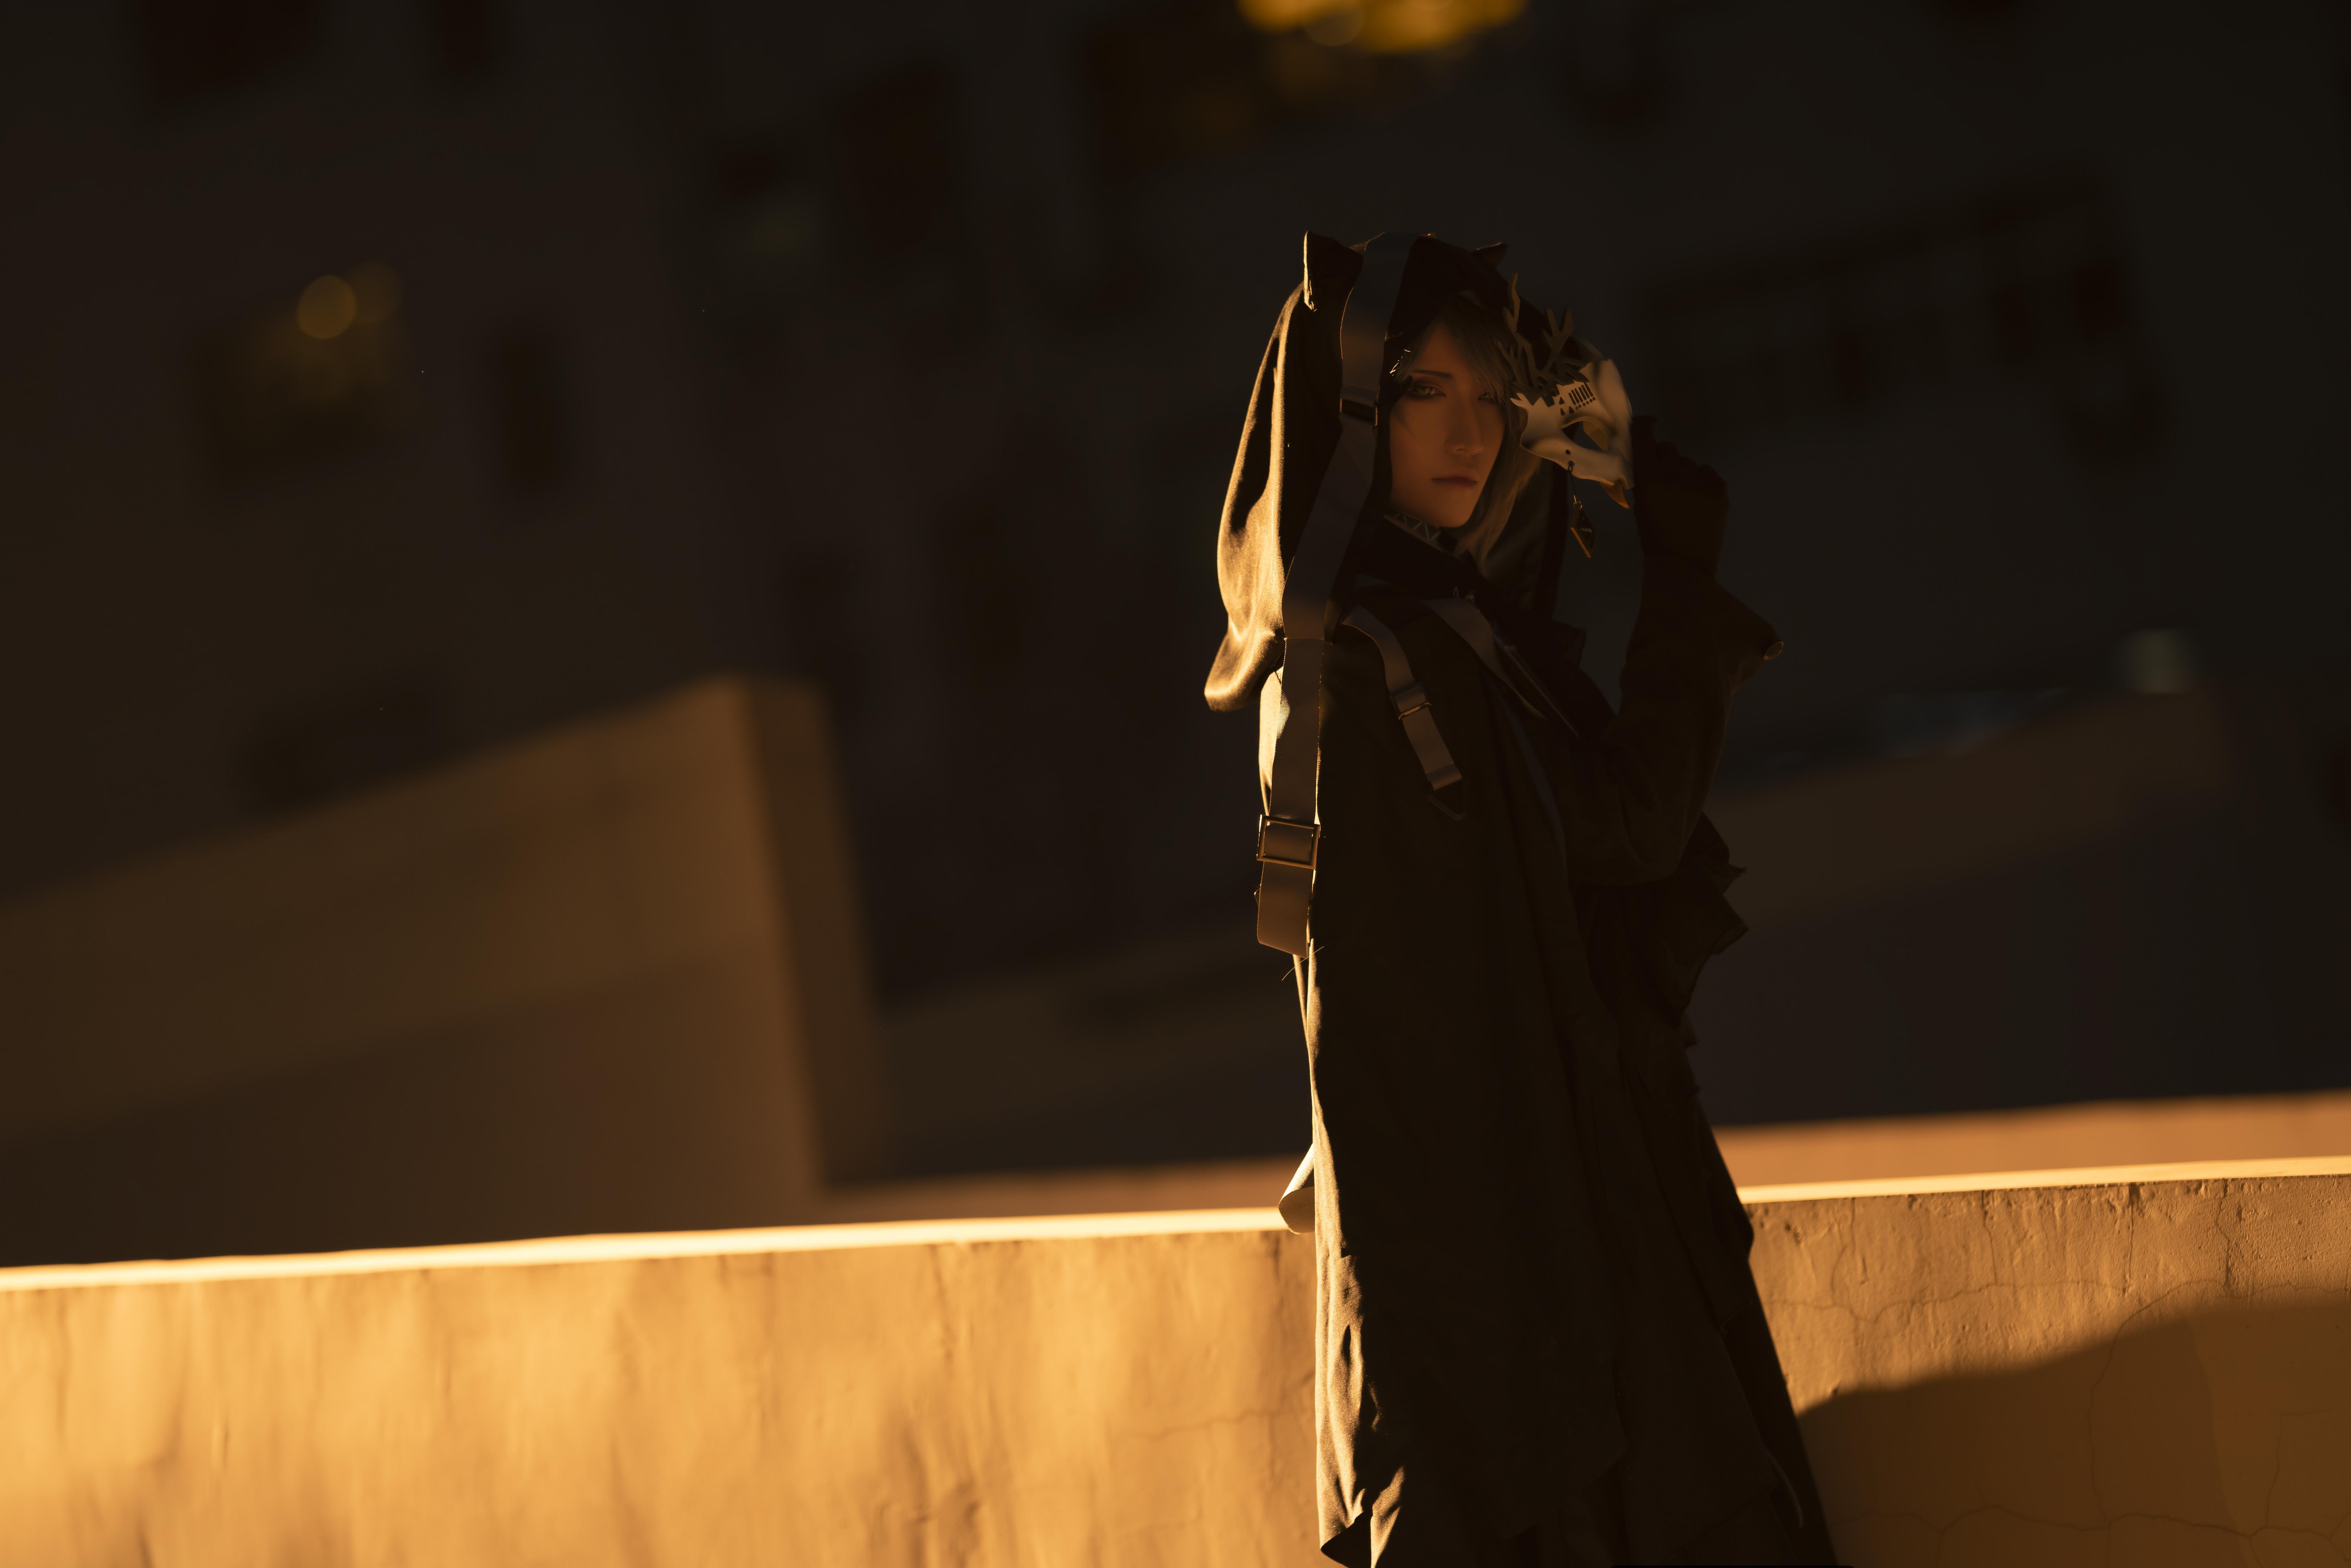 《明日方舟》正片cosplay【CN:斯诺_Yukina】-第21张